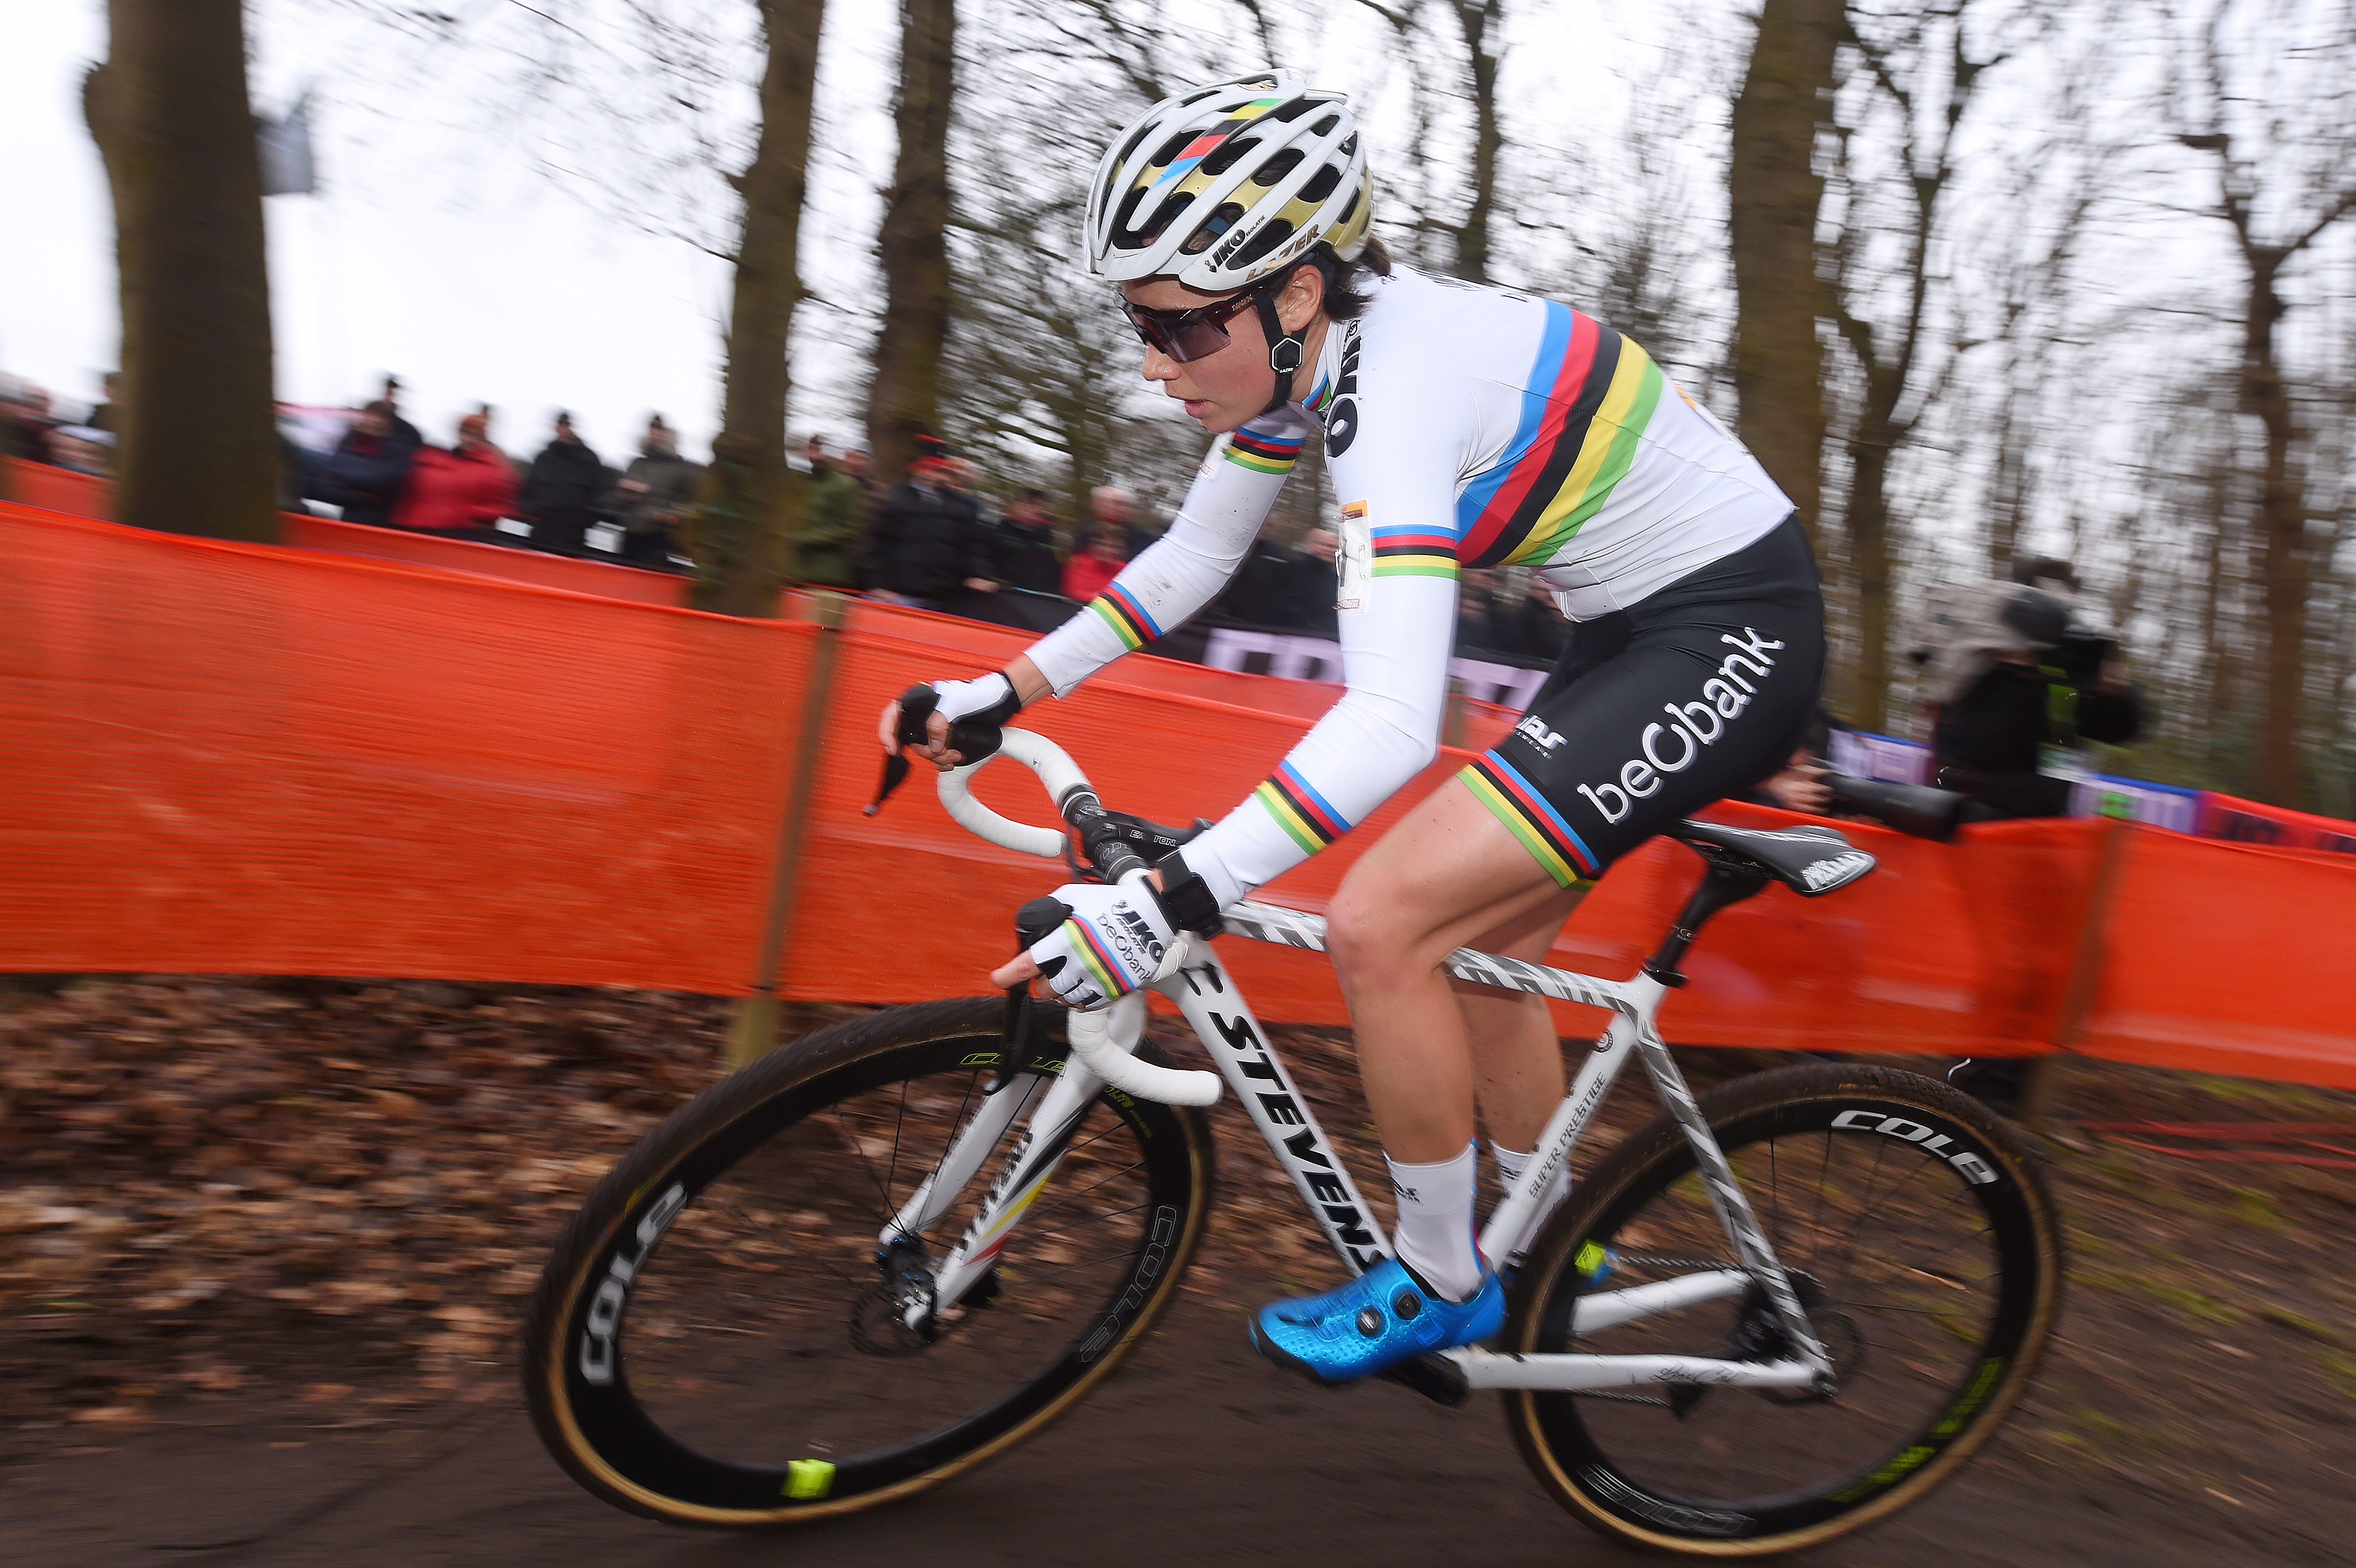 Sanne Cant in action at the GP Adrie Van der Poel, Hoogerheide, 2018